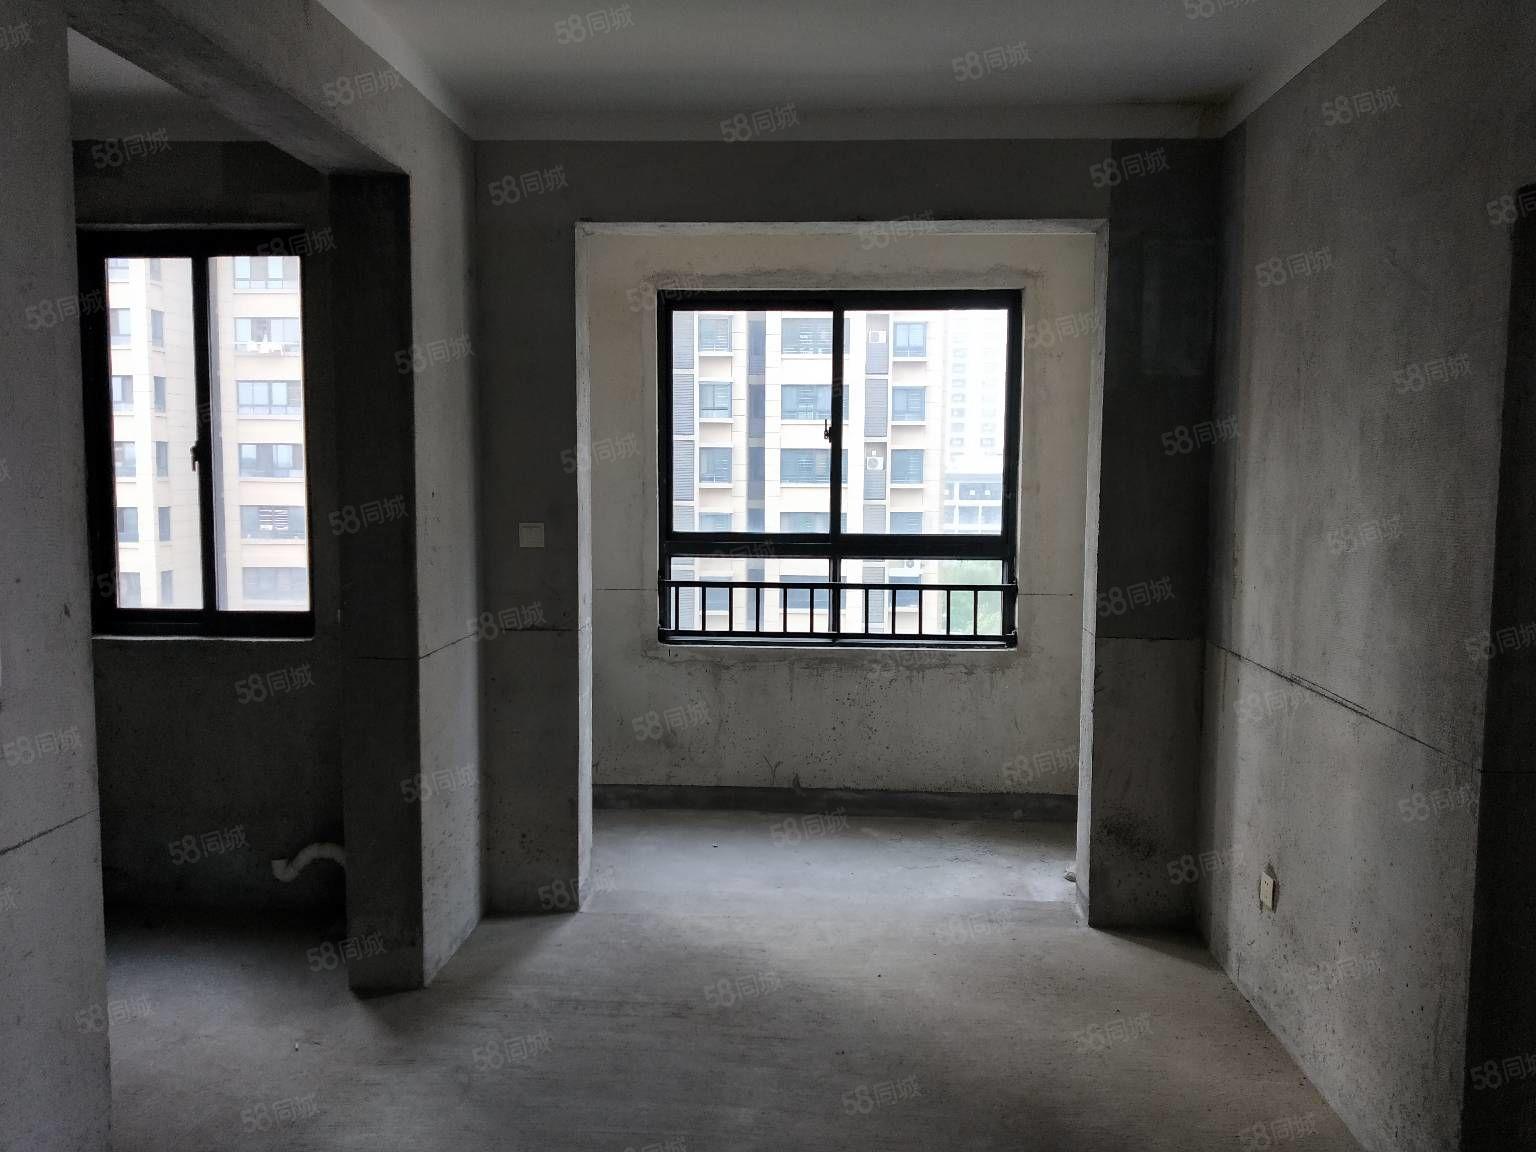 宏基天城新安小學本部學范區兩室毛坯99平方有鑰匙隨時看房